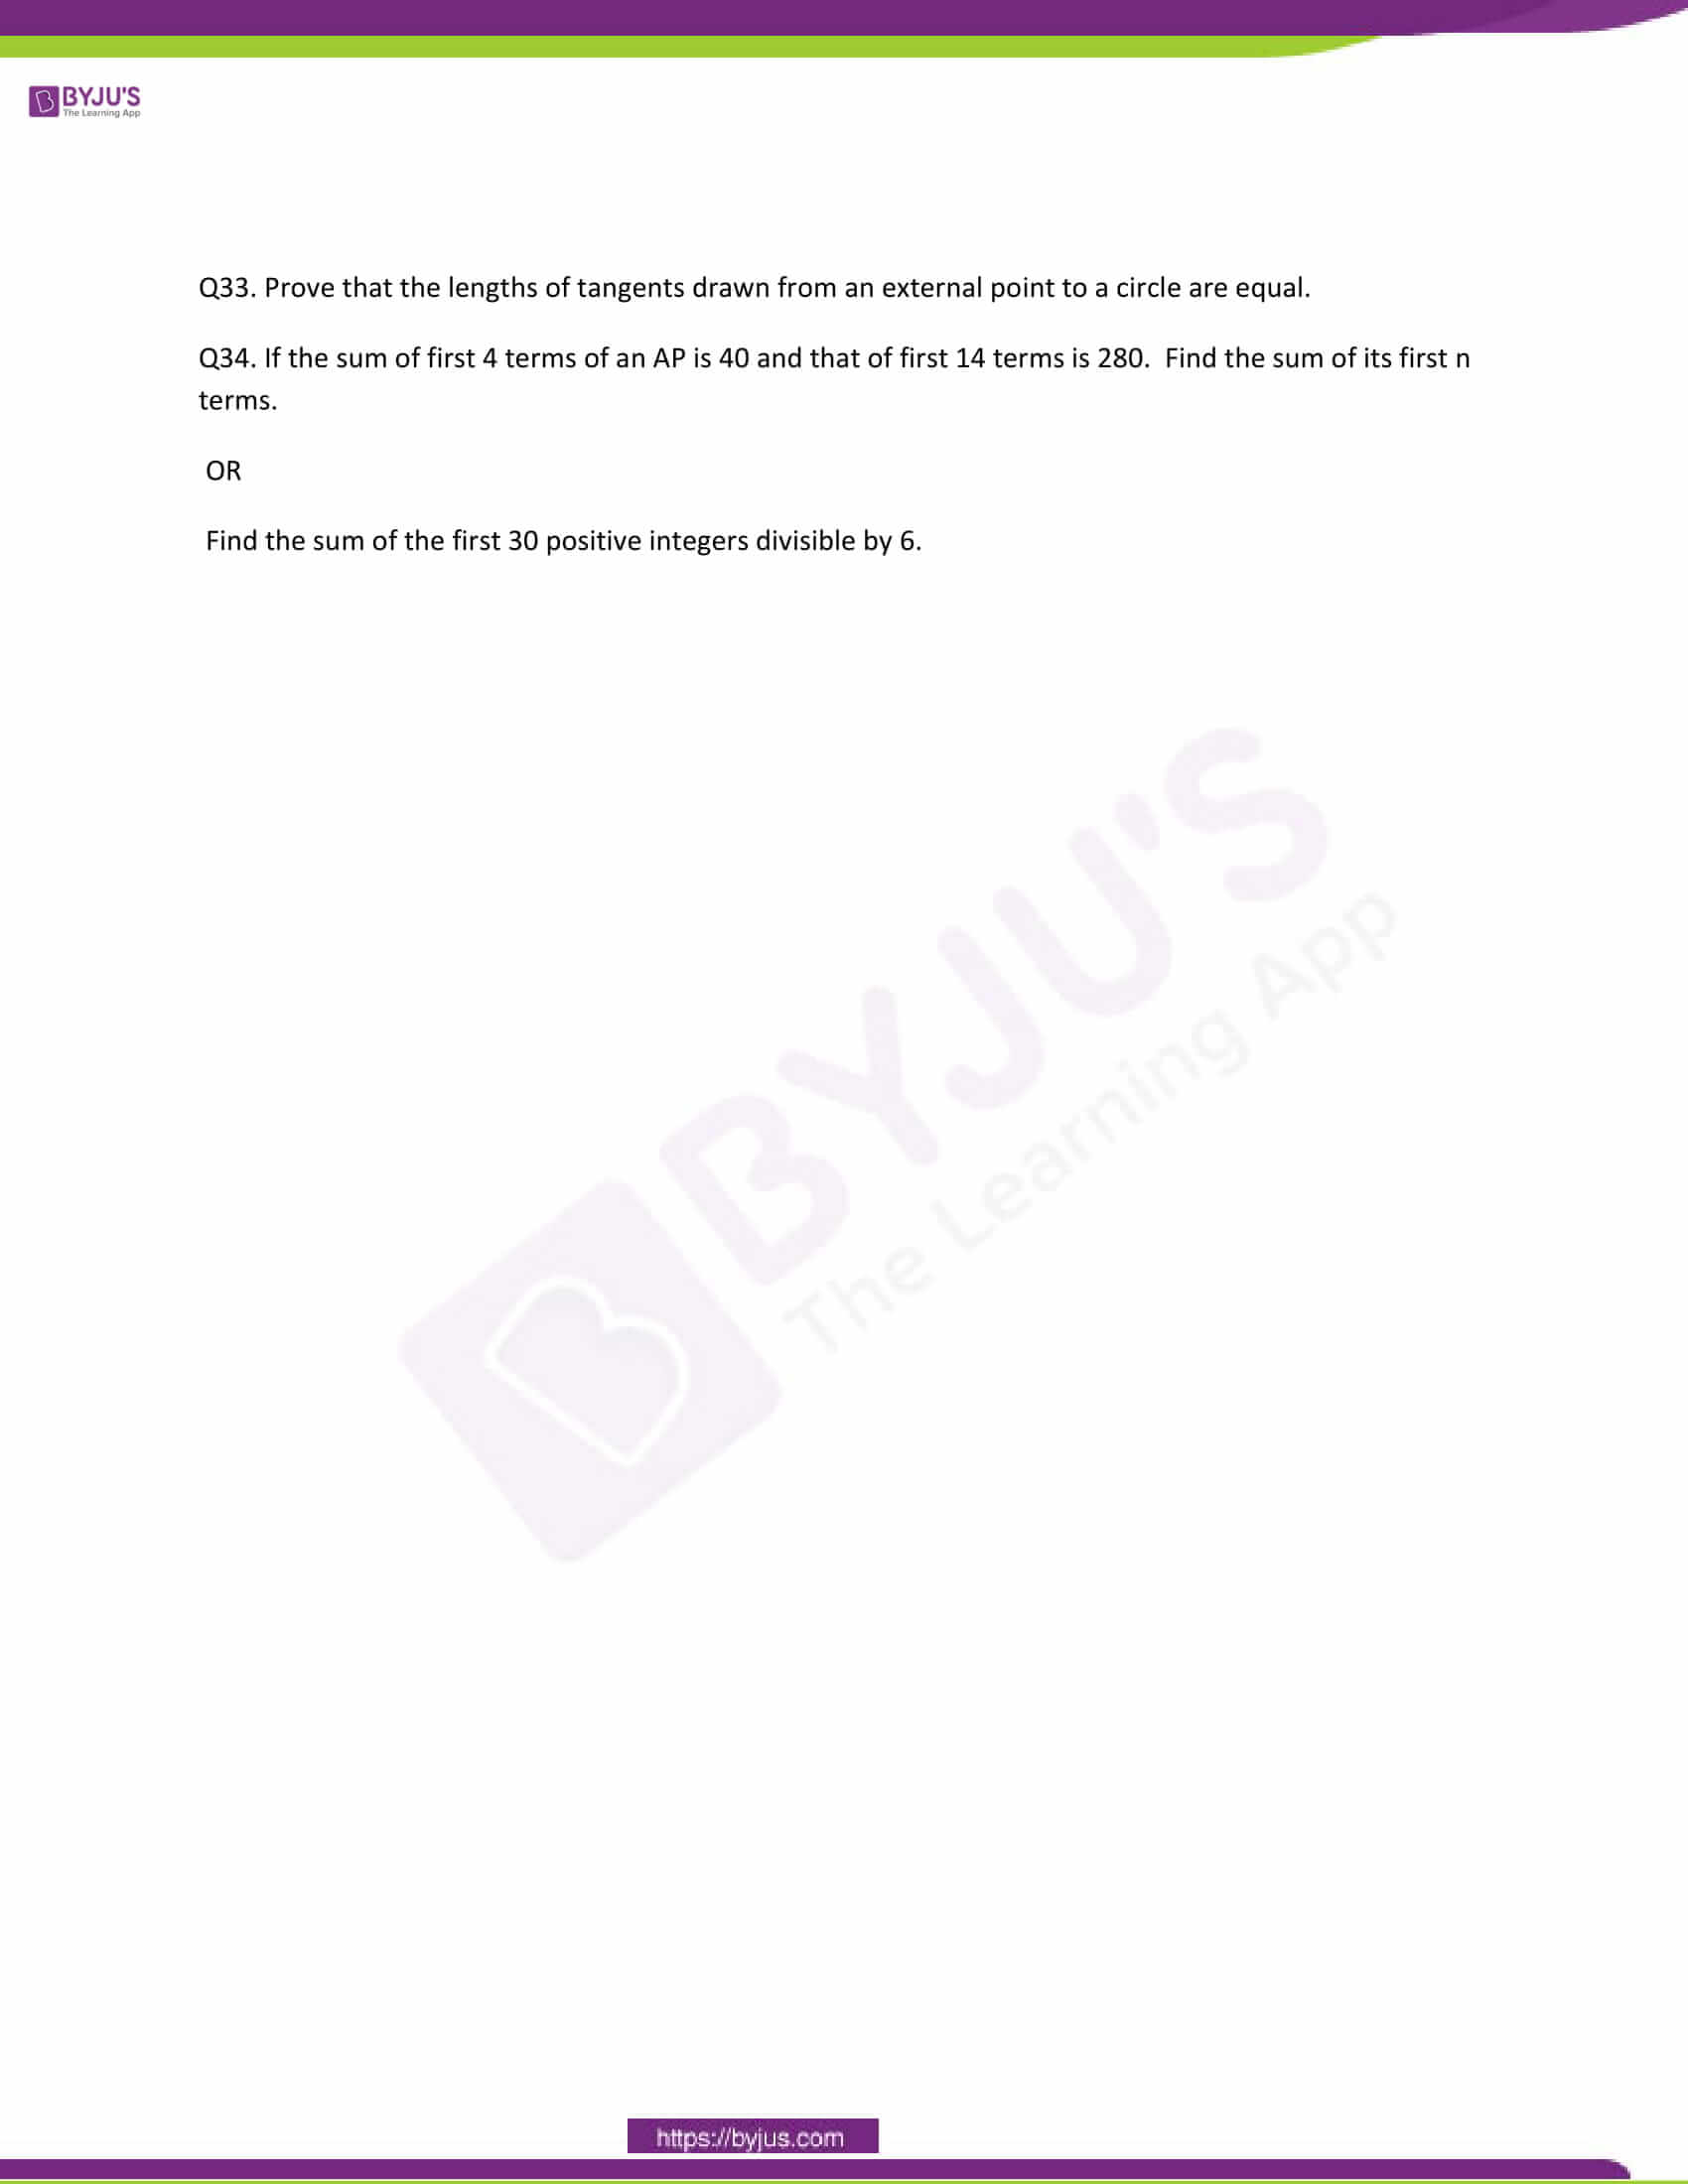 CBSE Class 10 Maths Question Papers 2011 7